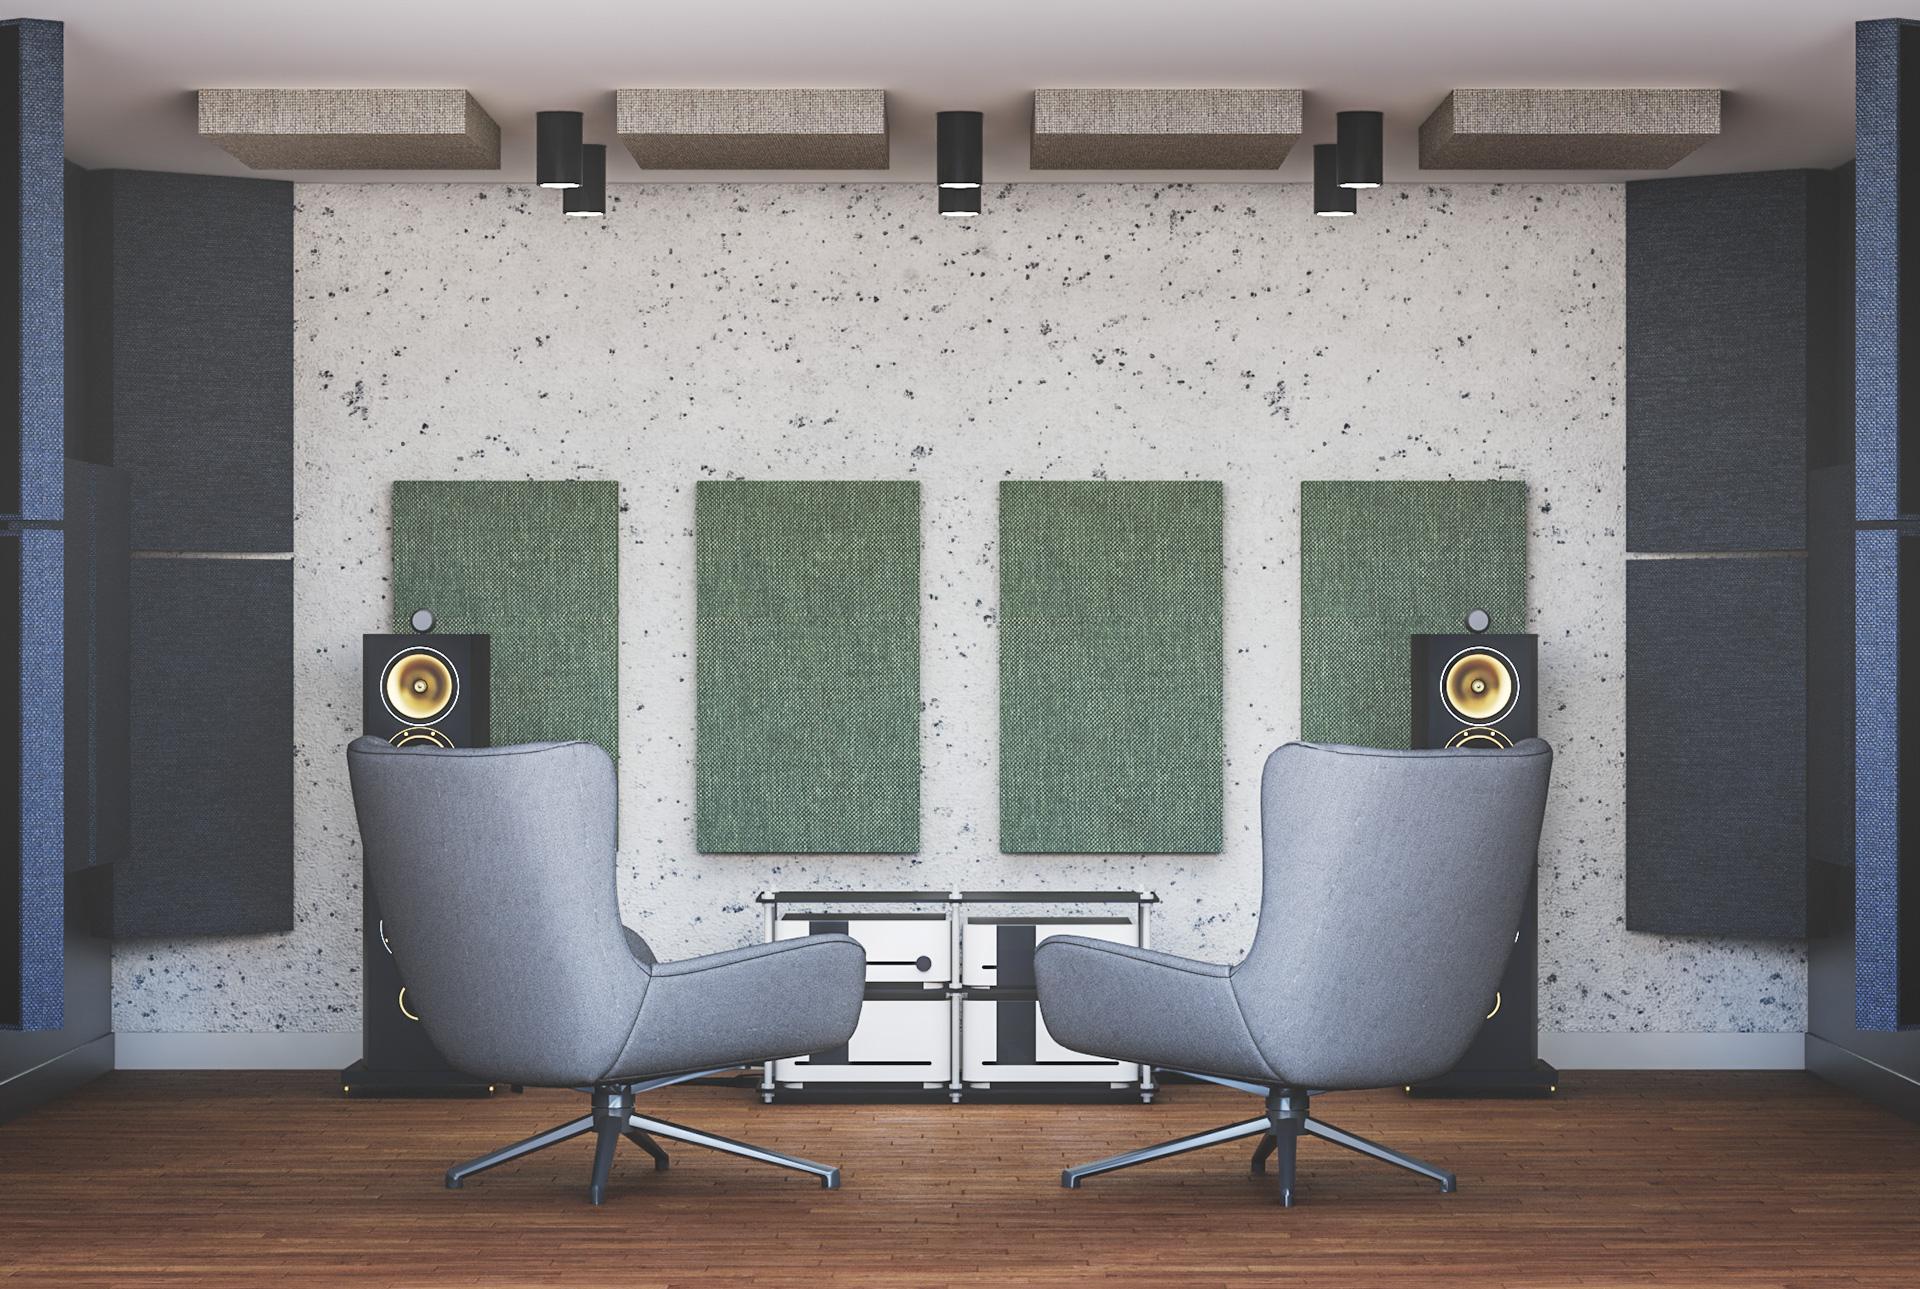 Wizualizacja adaptacji akustycznej pokoju odsłuchowego z zastosowaniem paneli pochłaniających Up-Sorber Panel